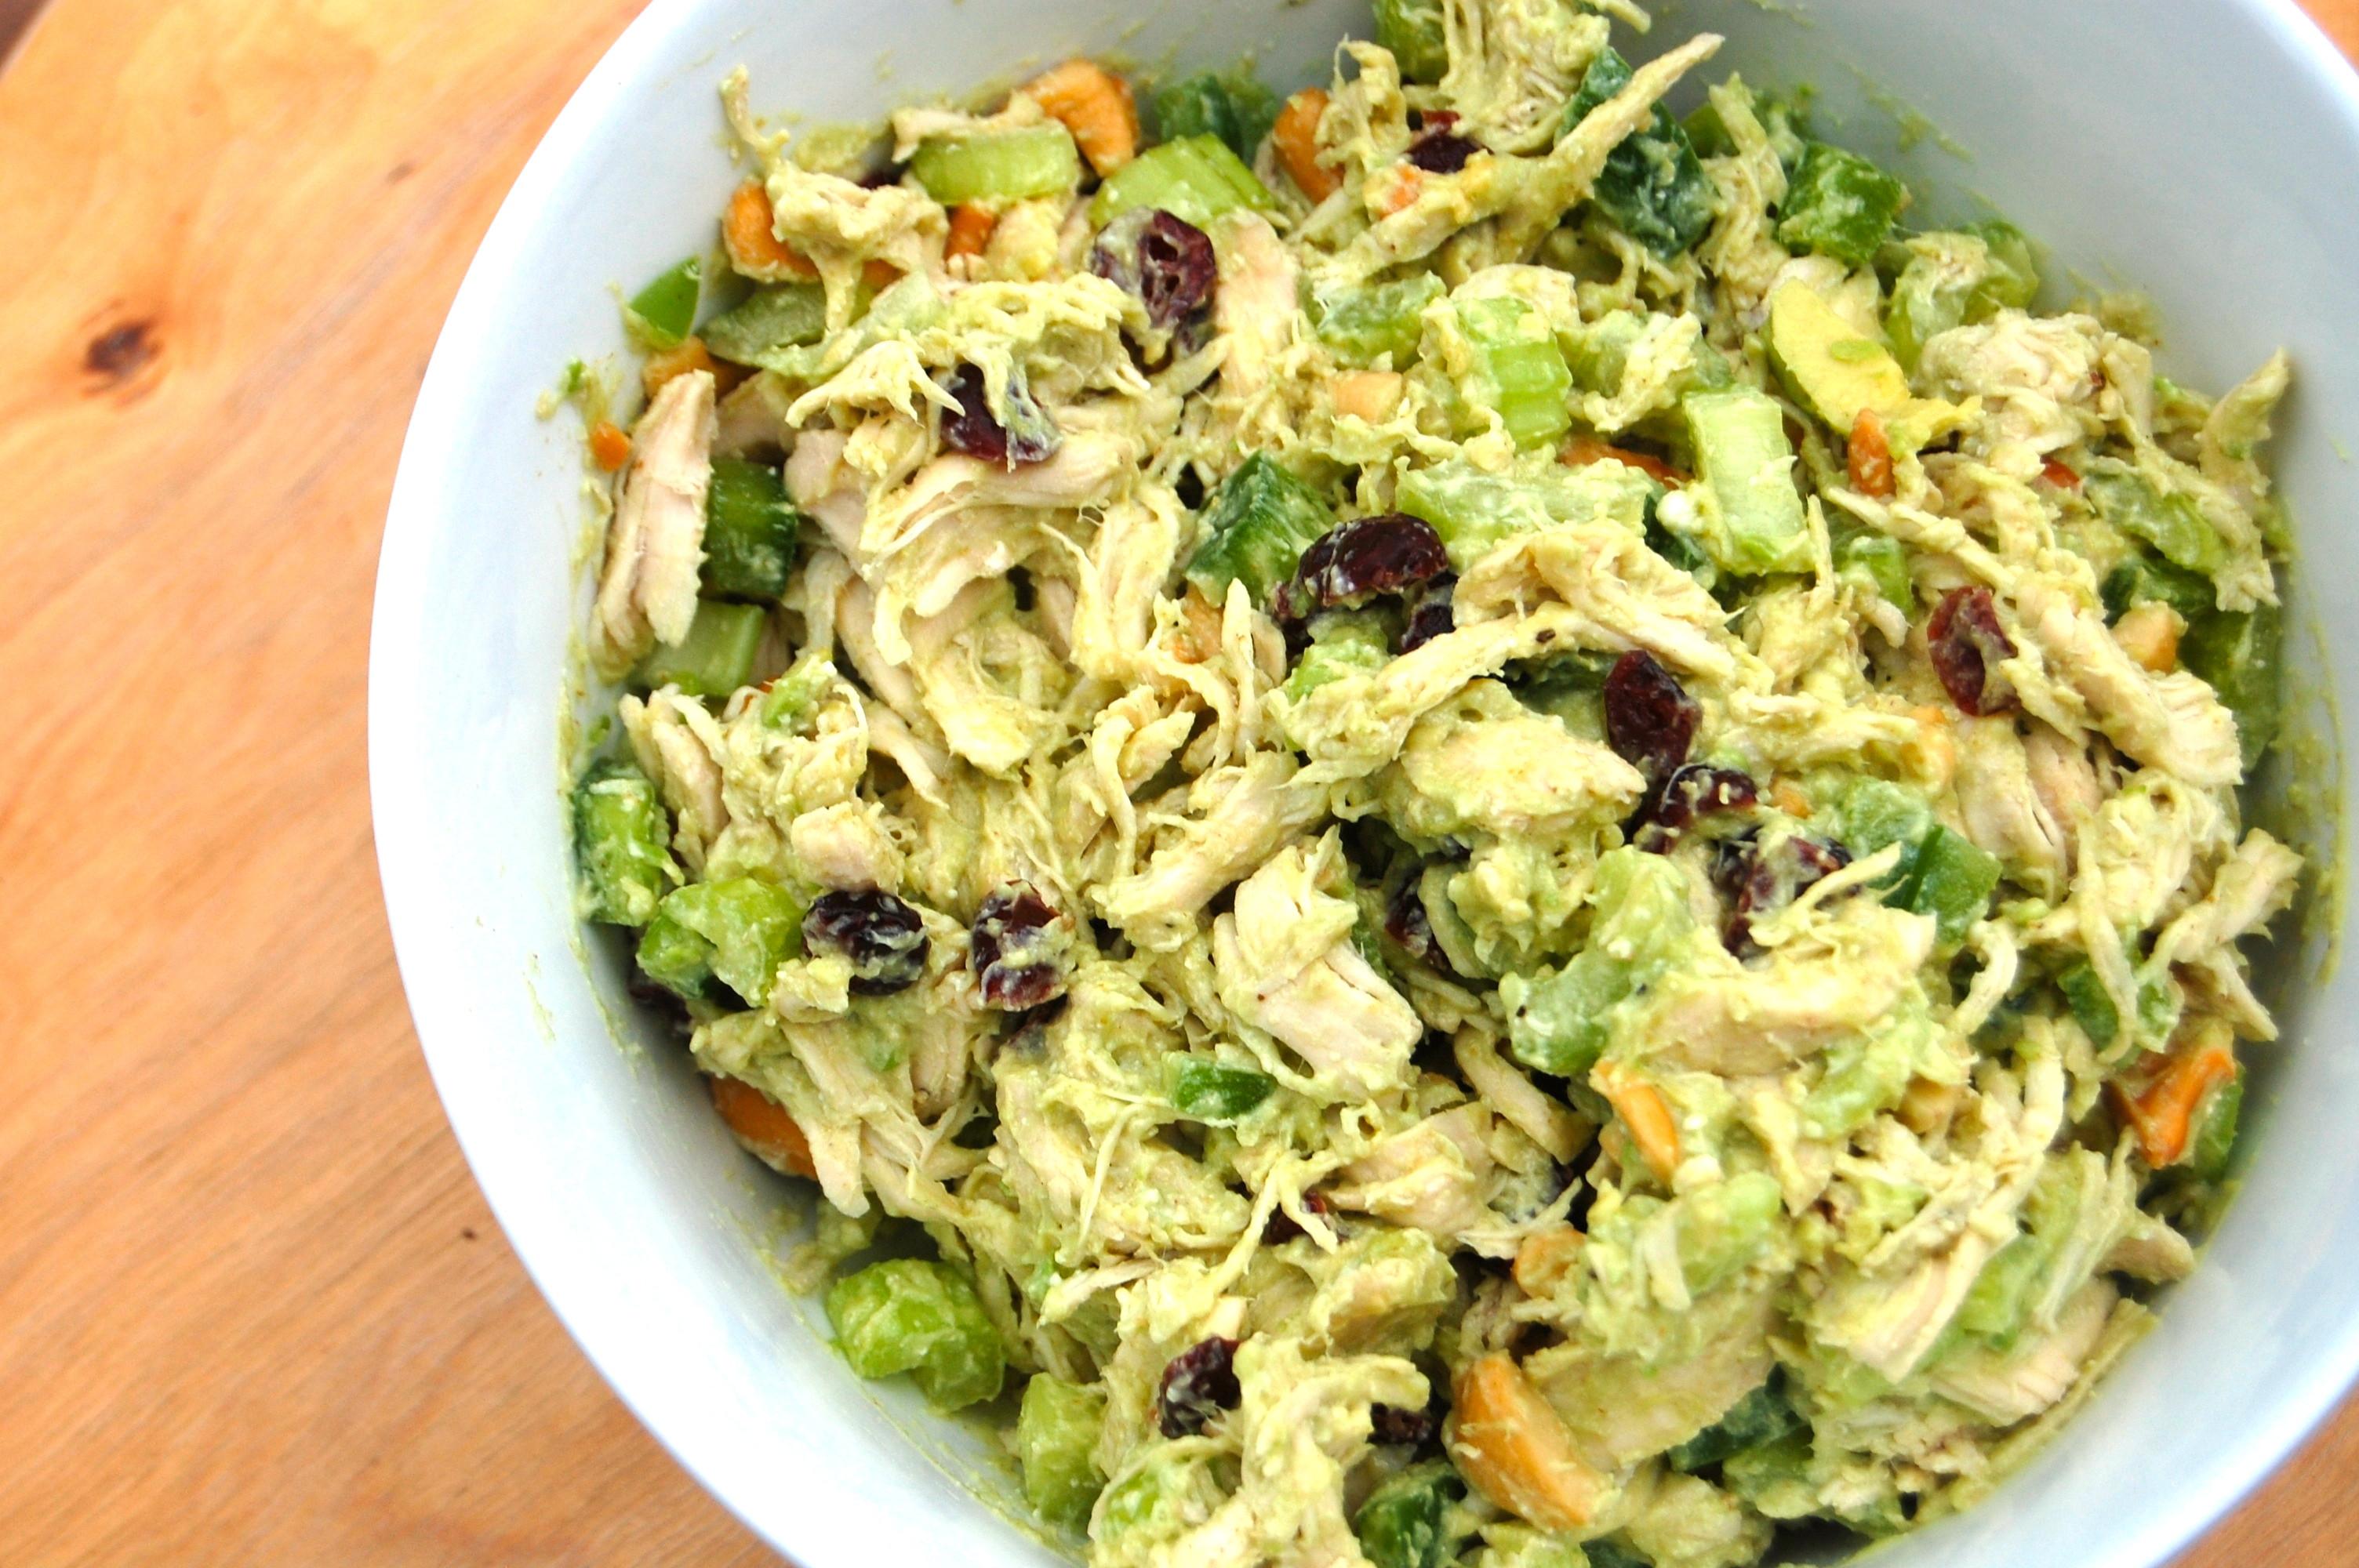 Healthy Chicken And Avocado Recipes  Avocado Cashew Chicken Salad